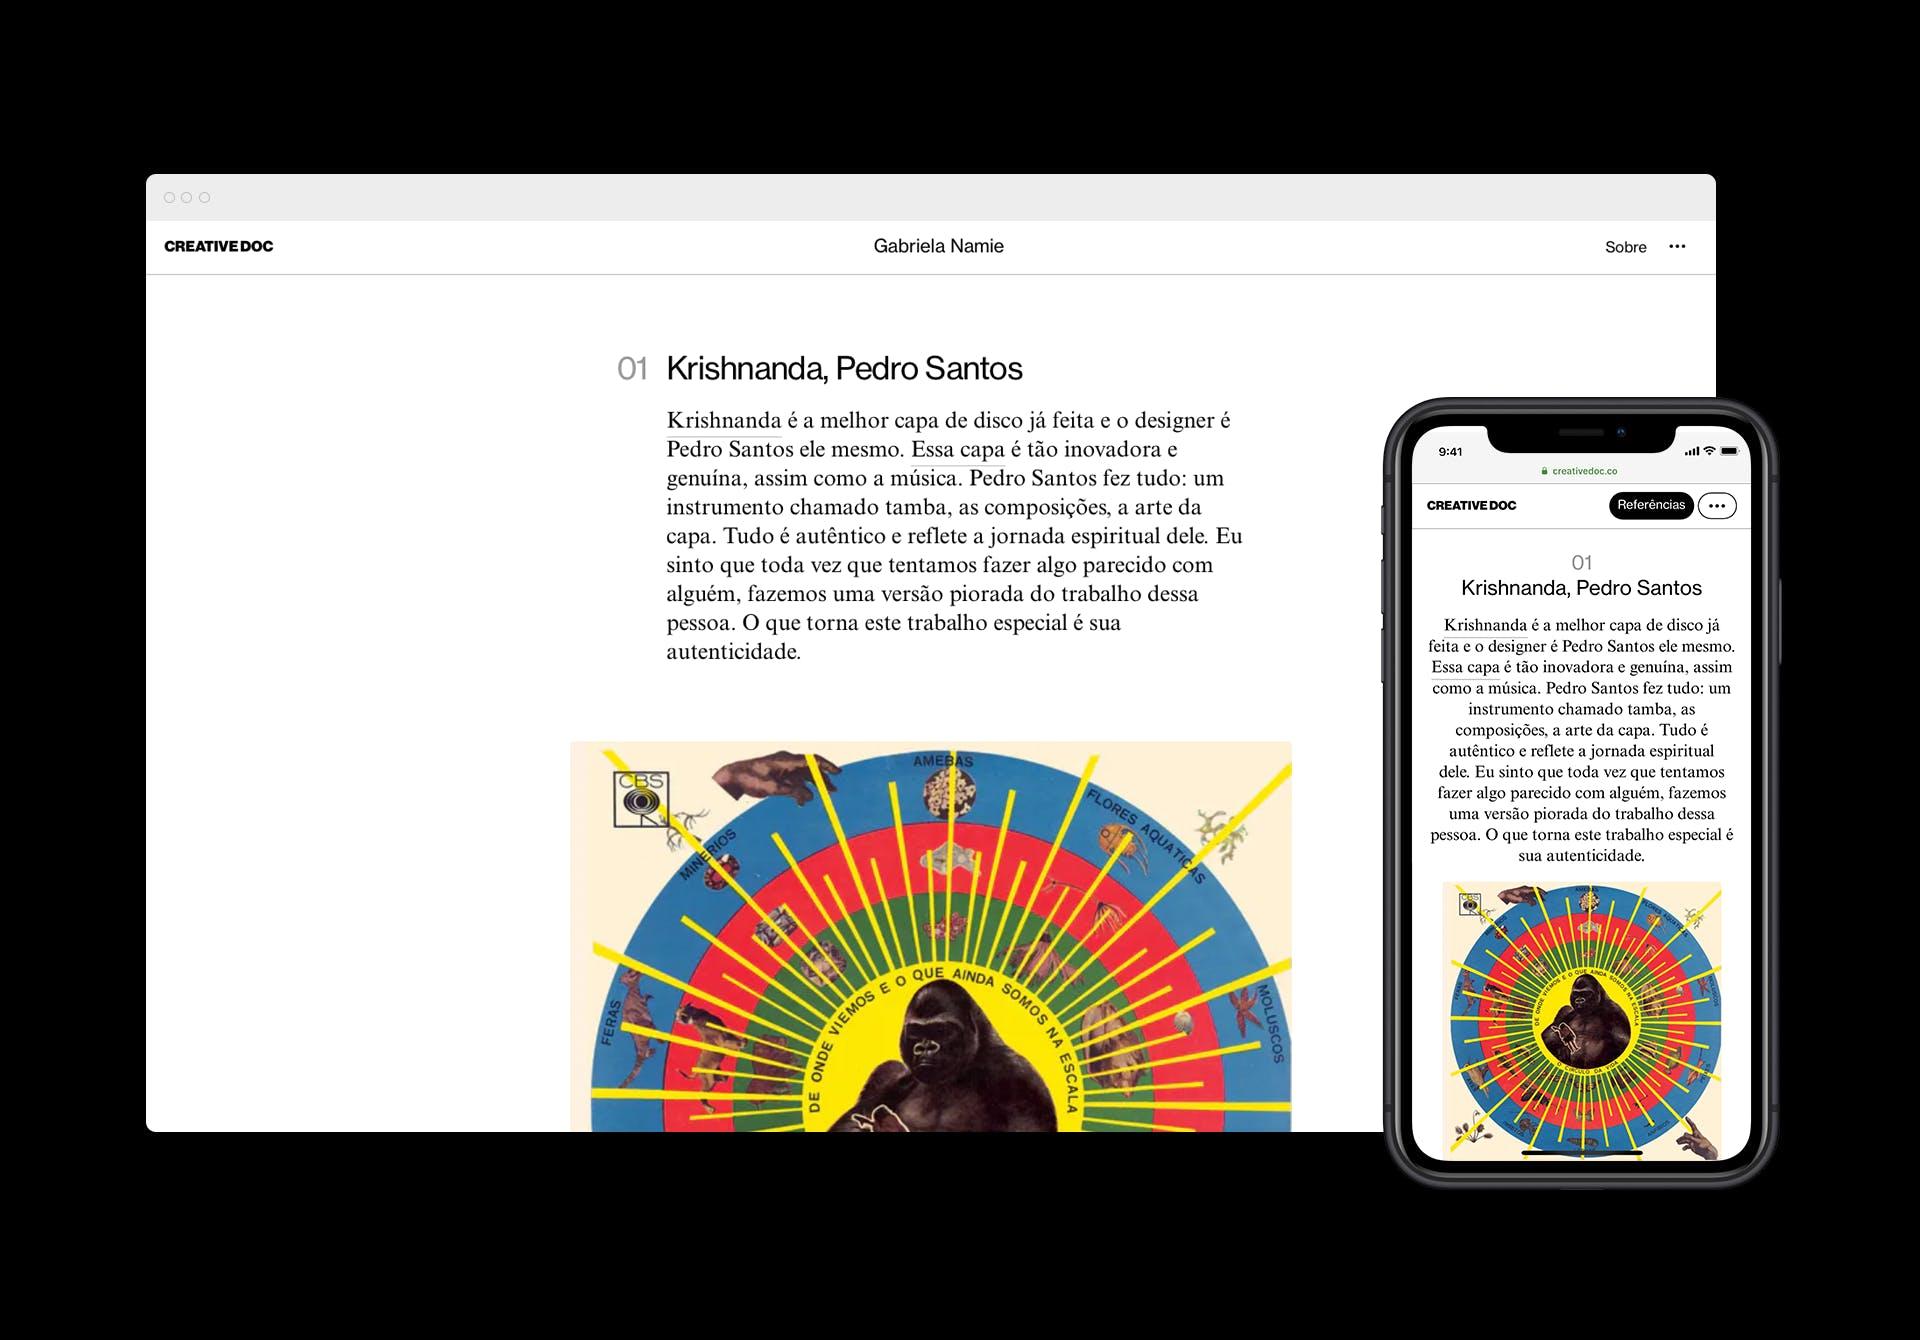 Imagem contendo interface gráfica do site.